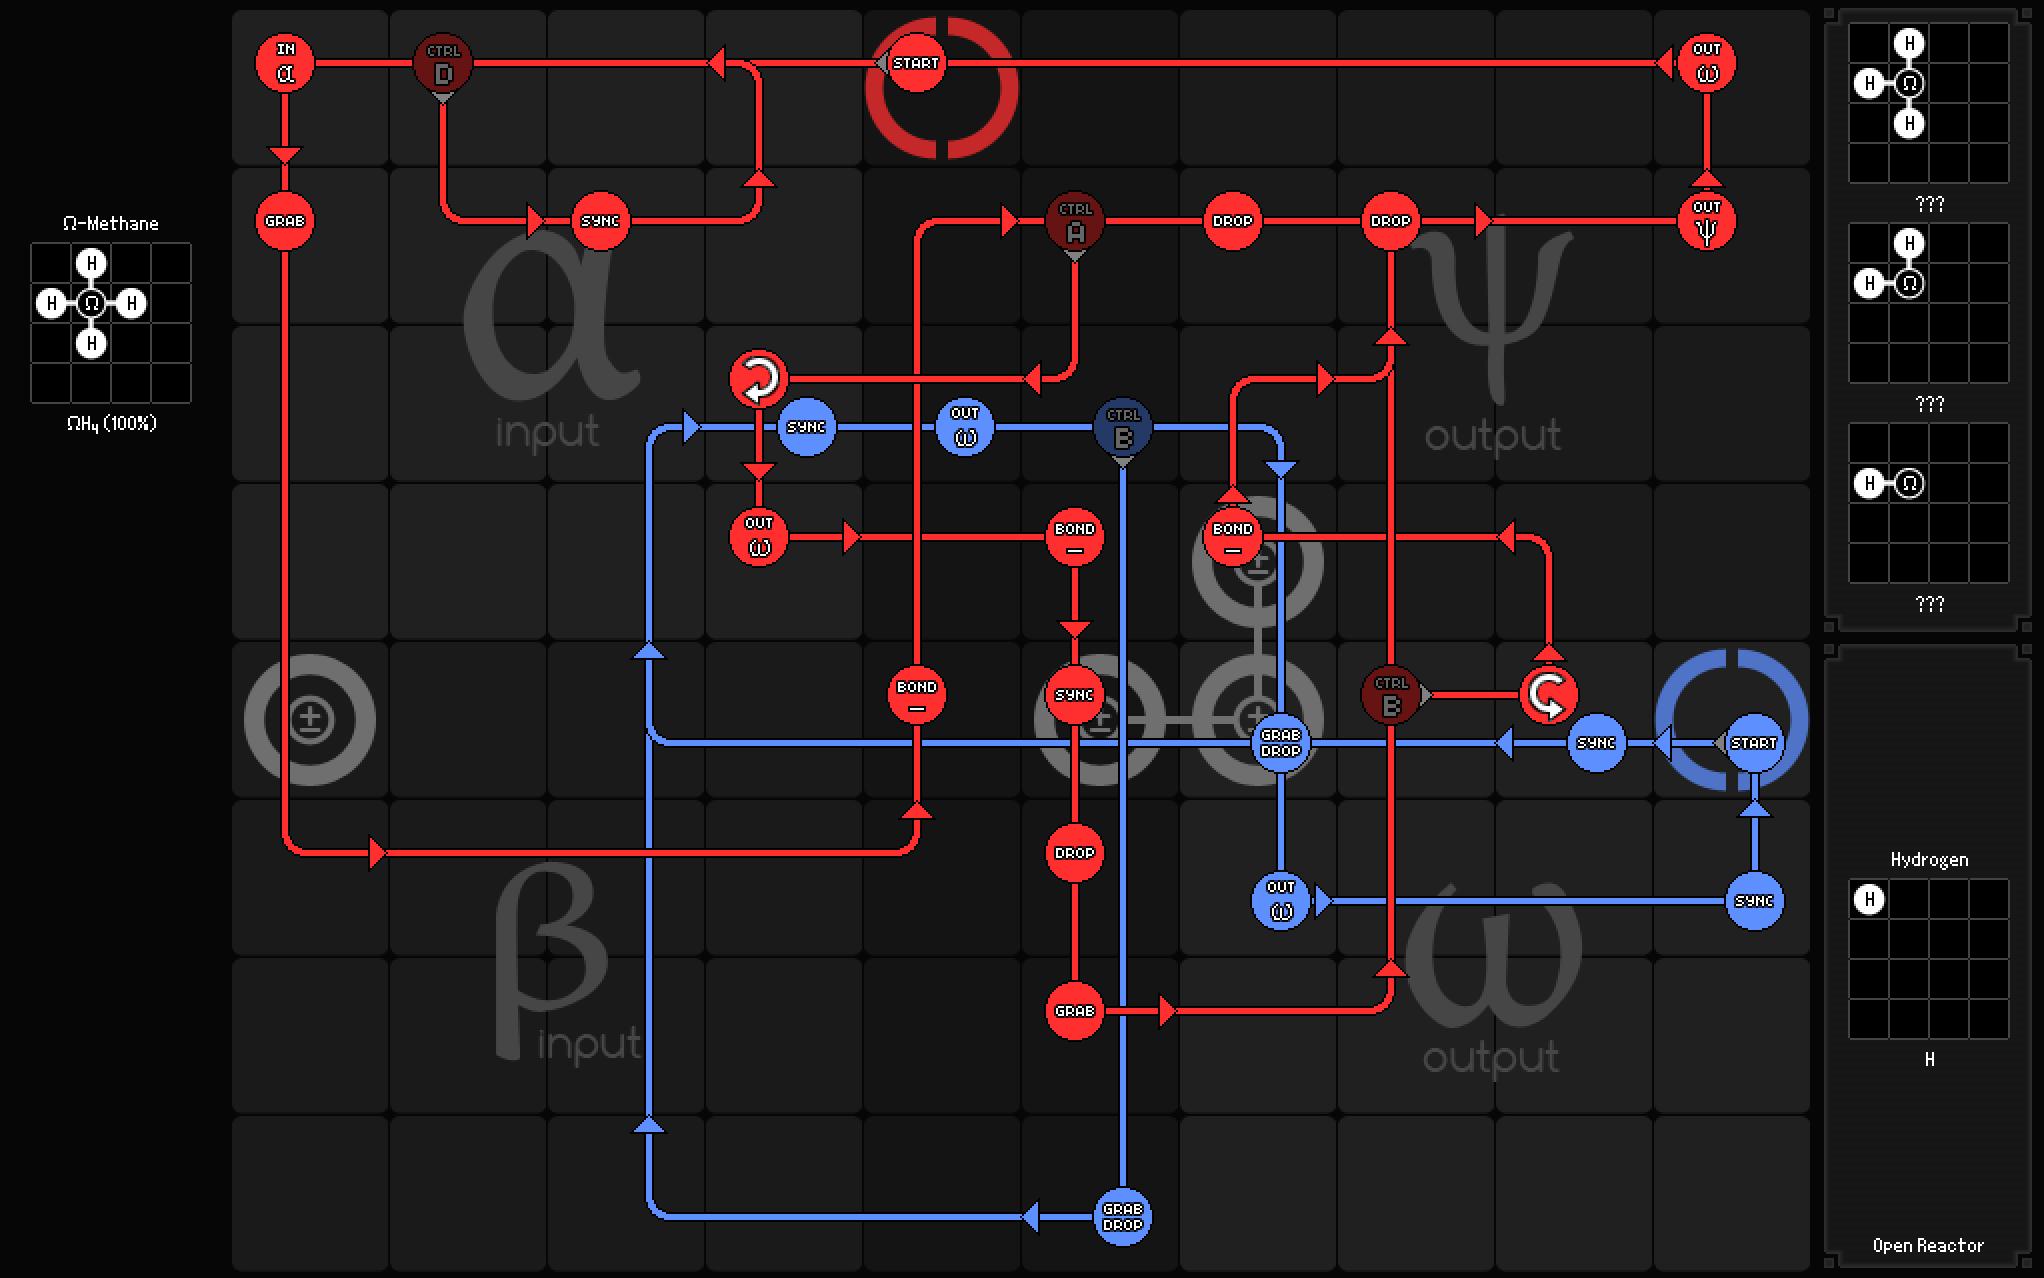 1_Story_Mode/8_Flidais/SpaceChem-8.6.a-boss/Reactor_1.png